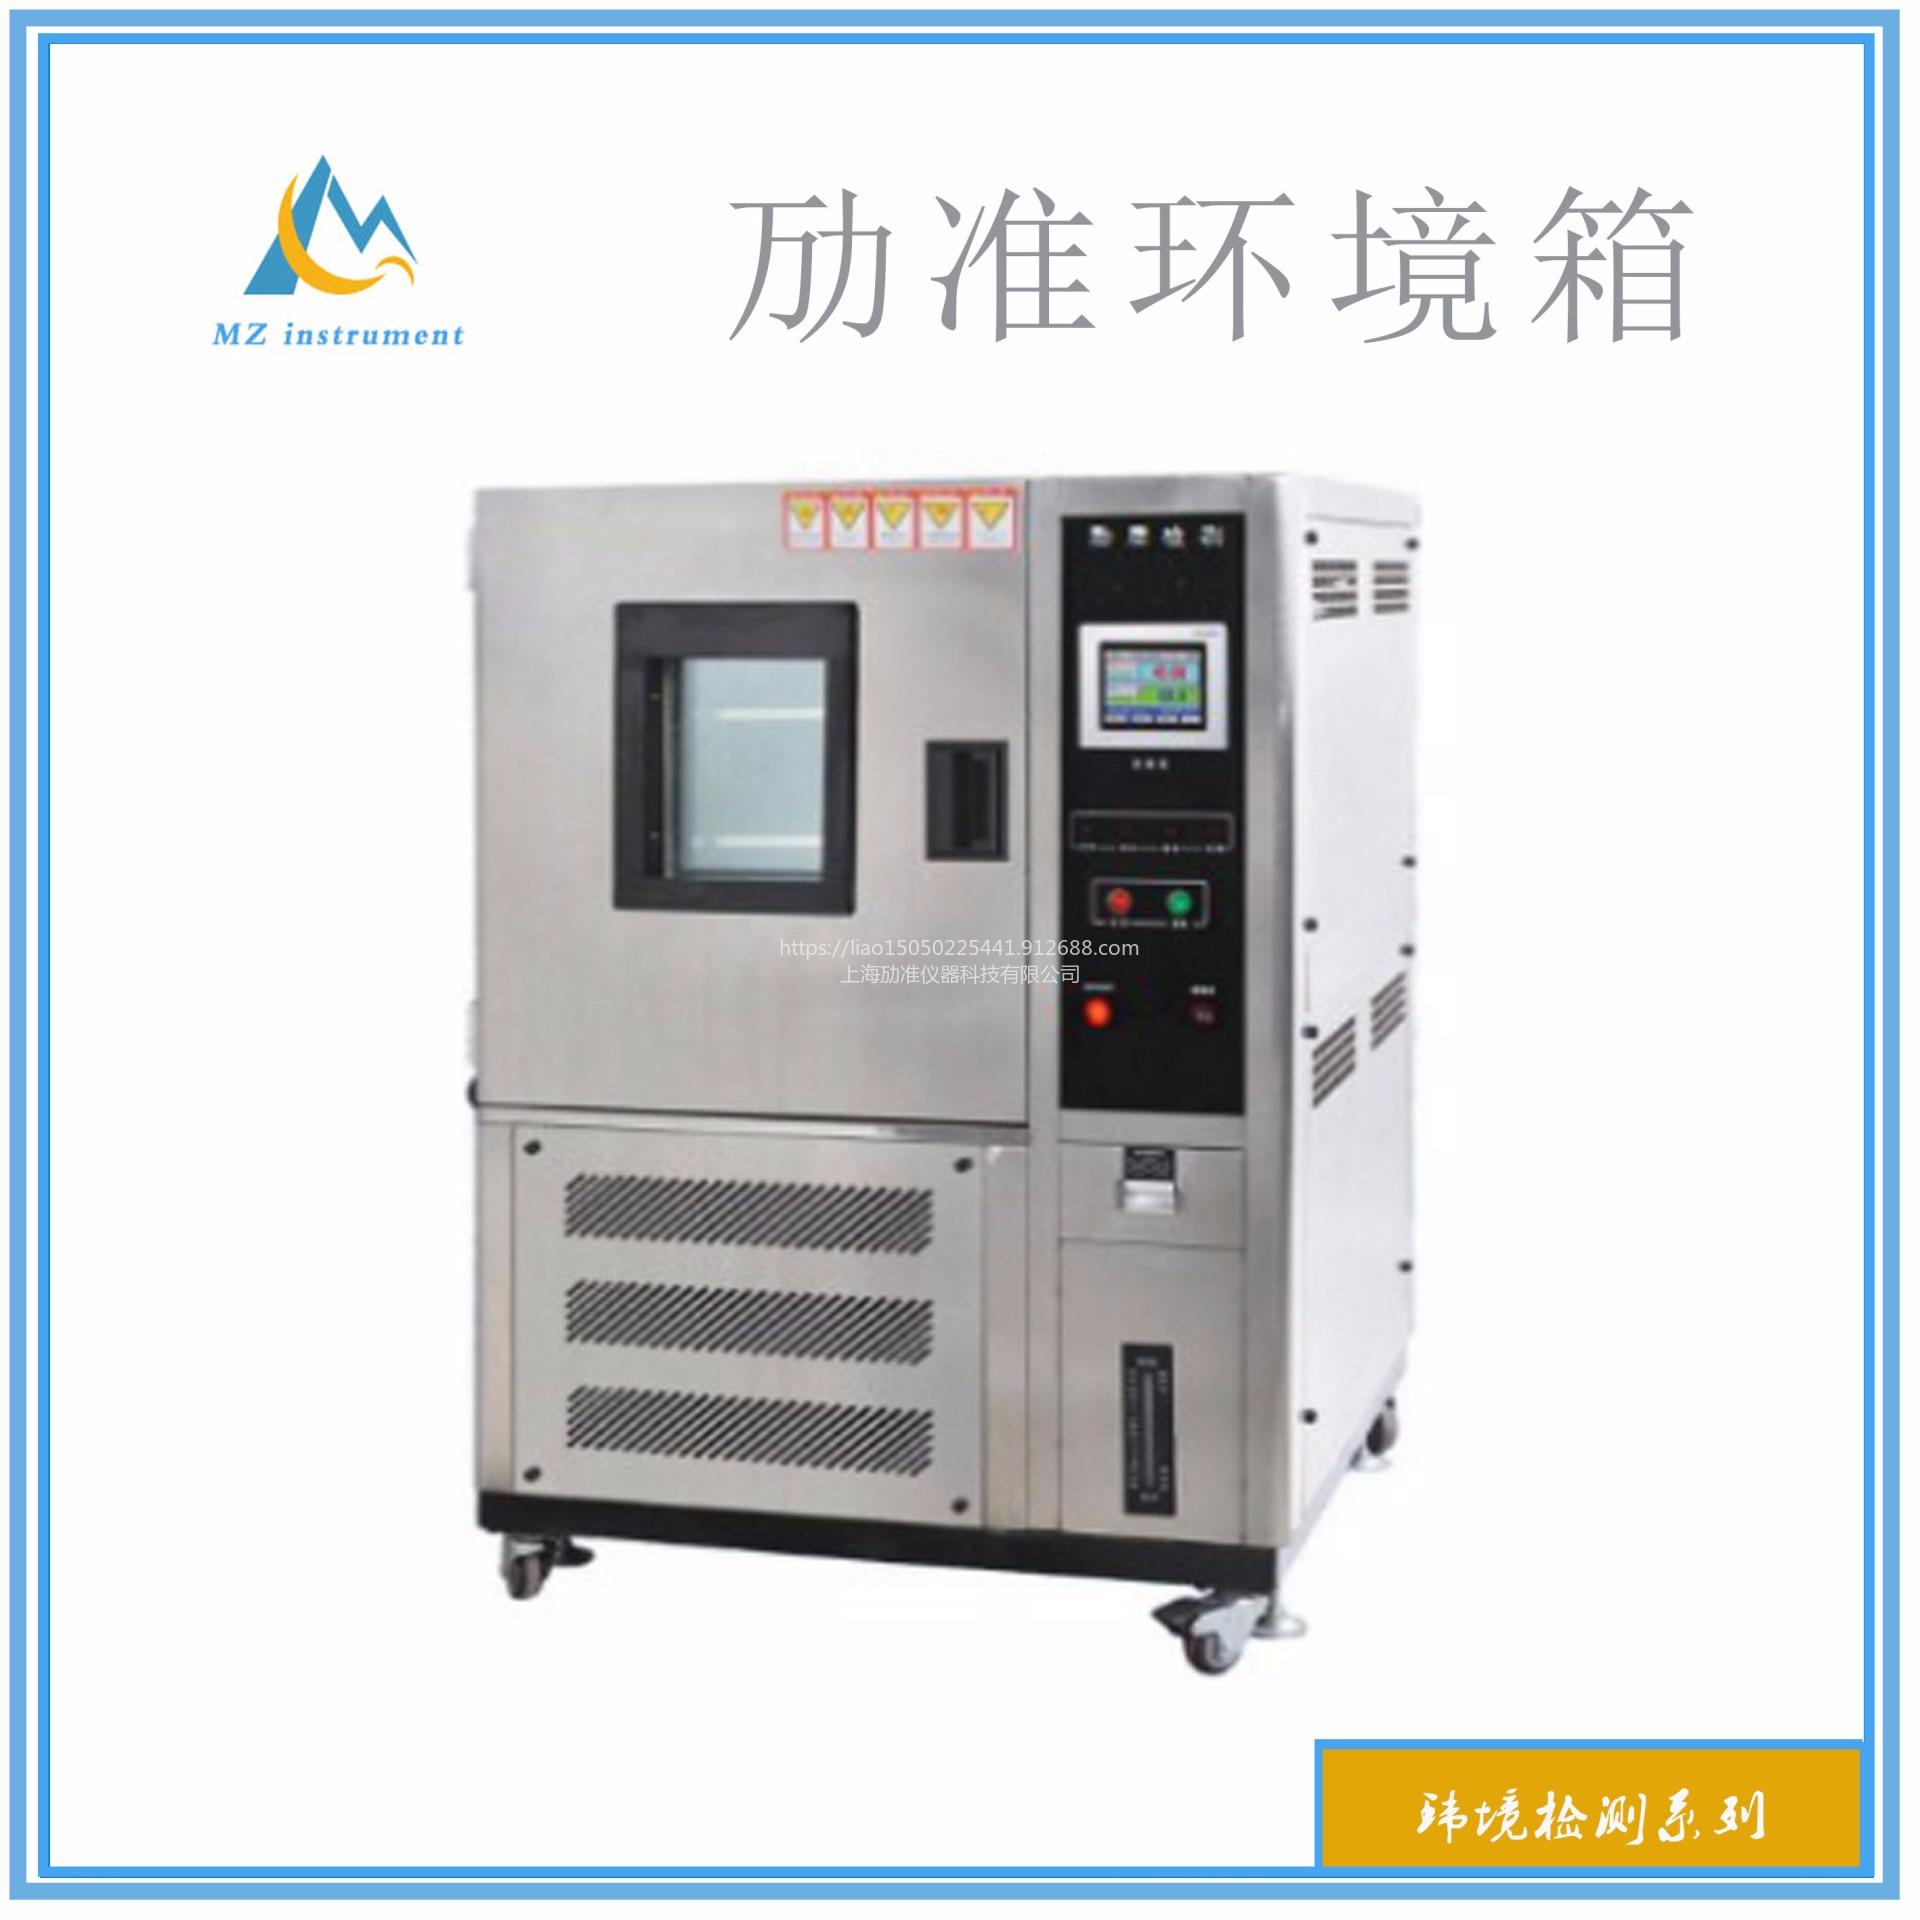 勱準 MZ-B102 高低溫試驗箱  高低溫沖擊試驗機 溫度老化環境試驗箱